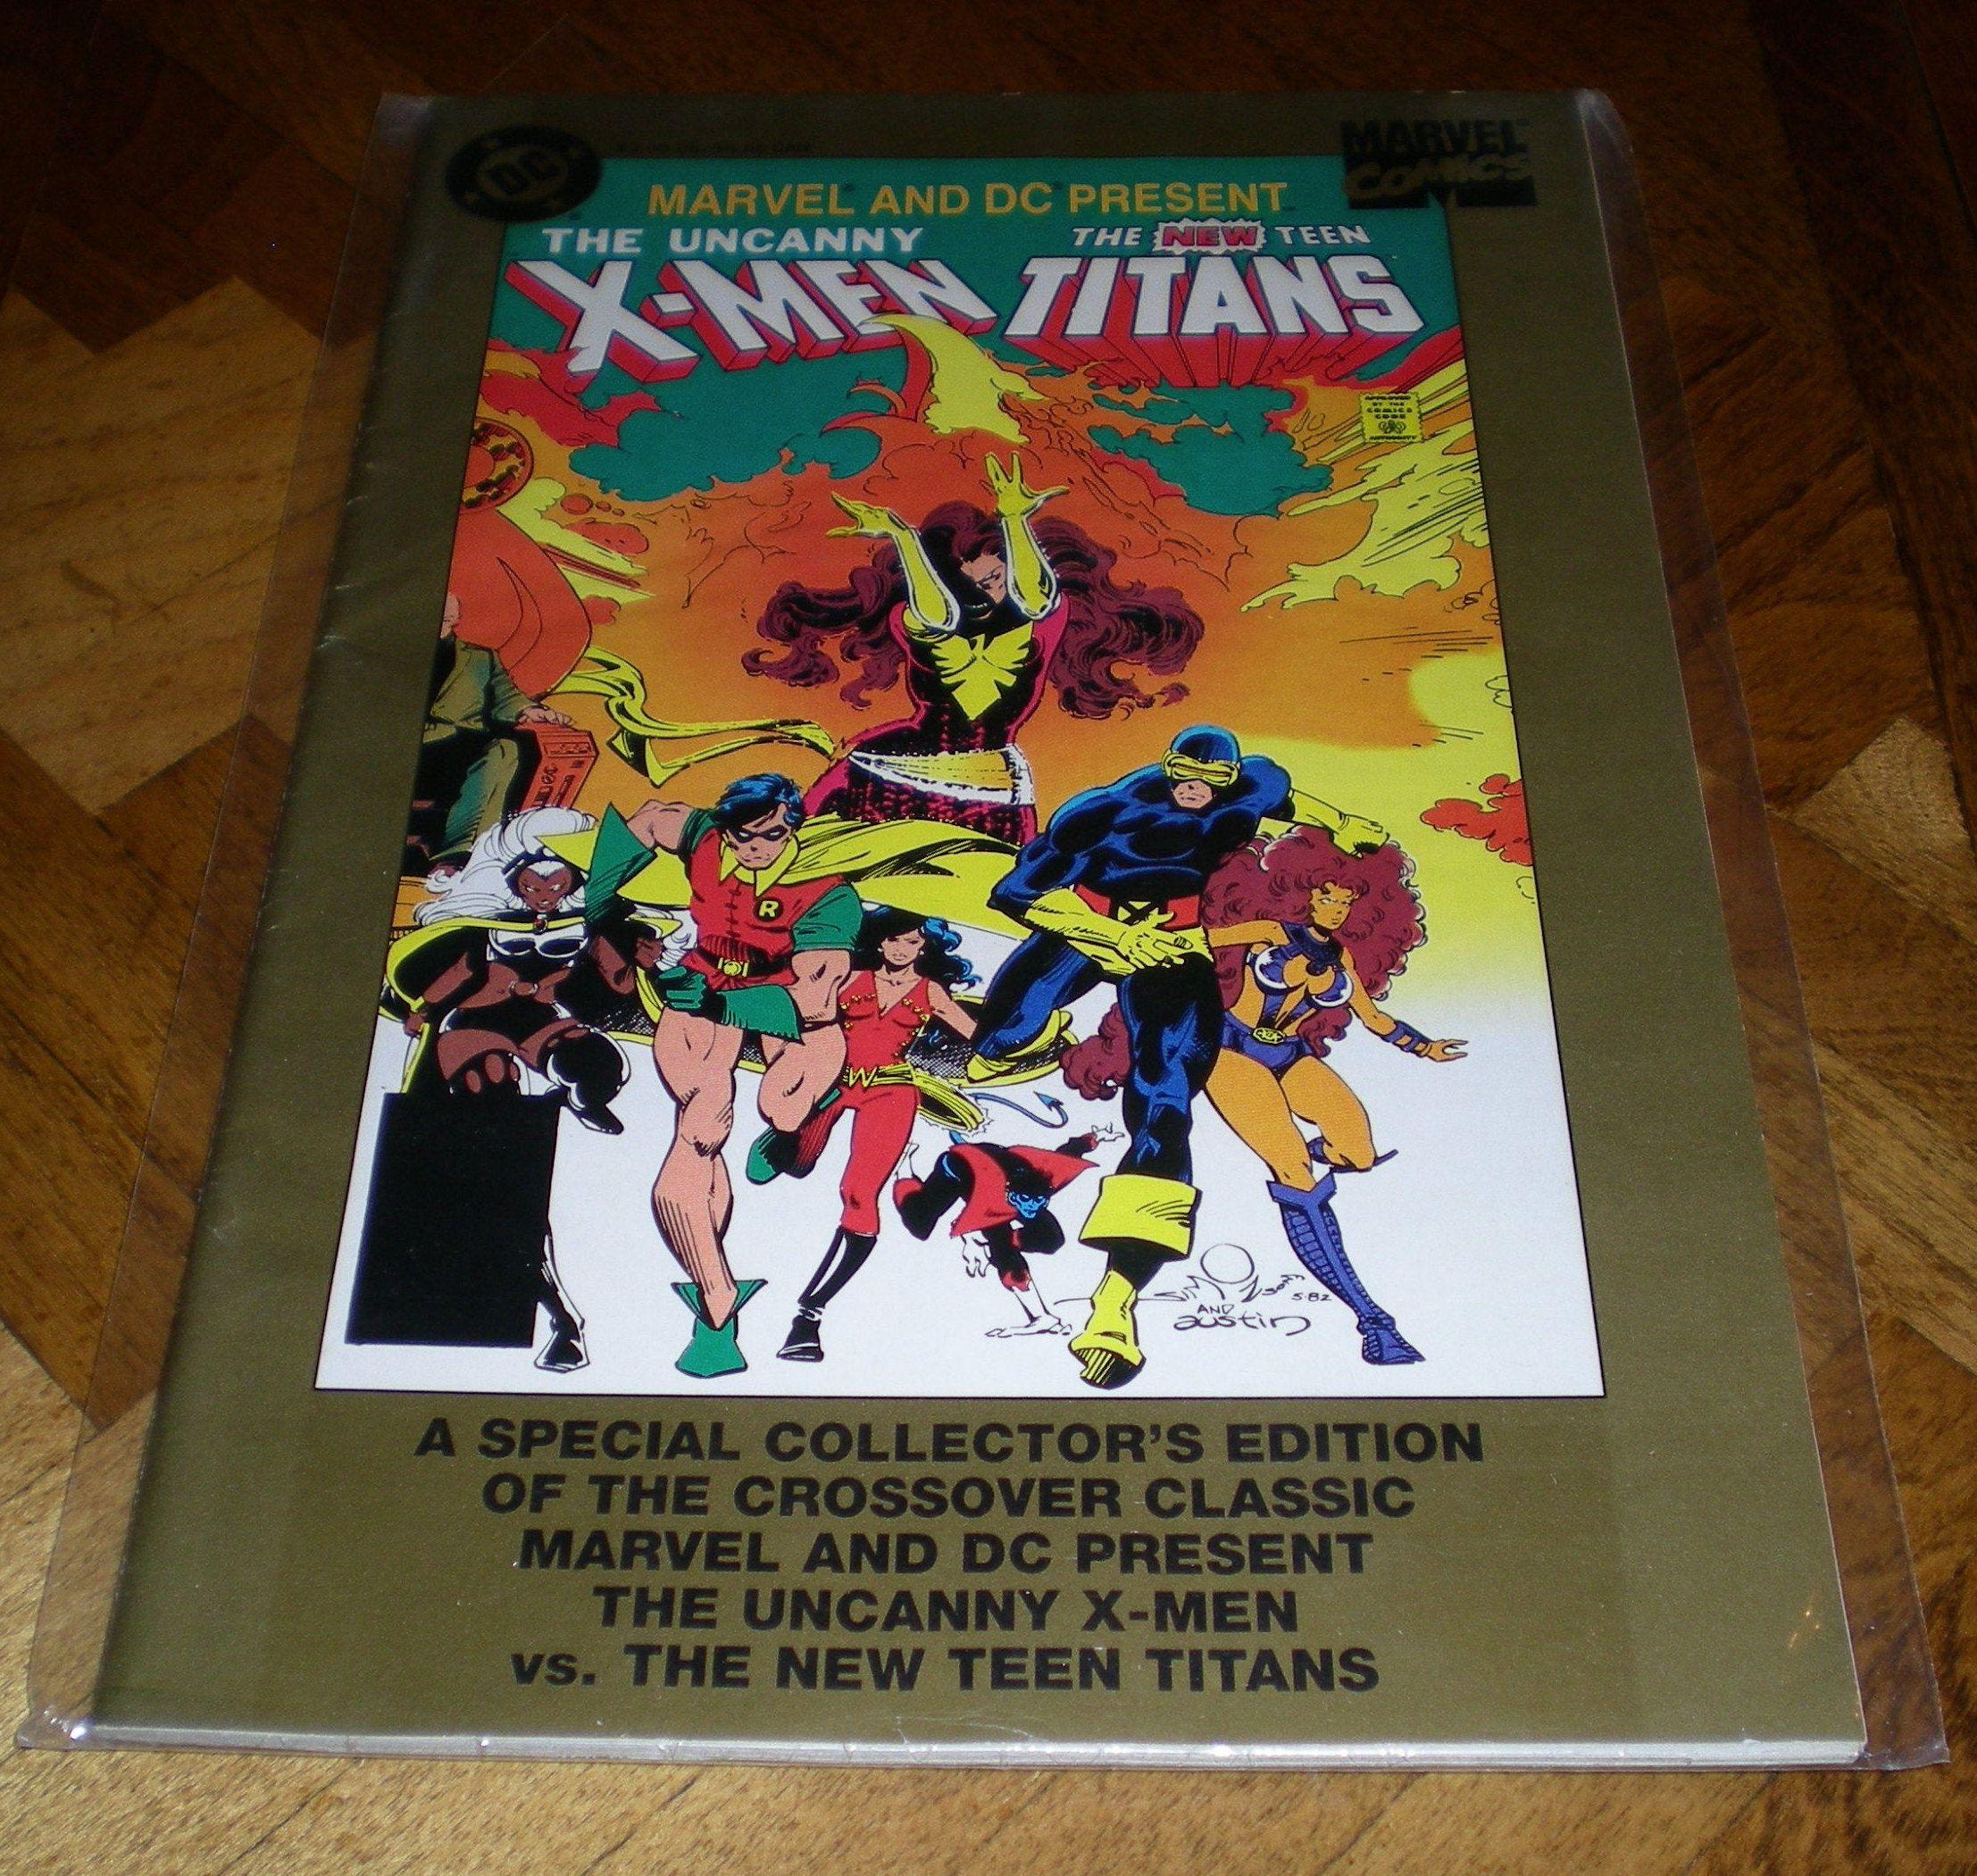 1995 Special Gatefold Cover Fabian Nicieza /& Andy Kubert X-Men No.45